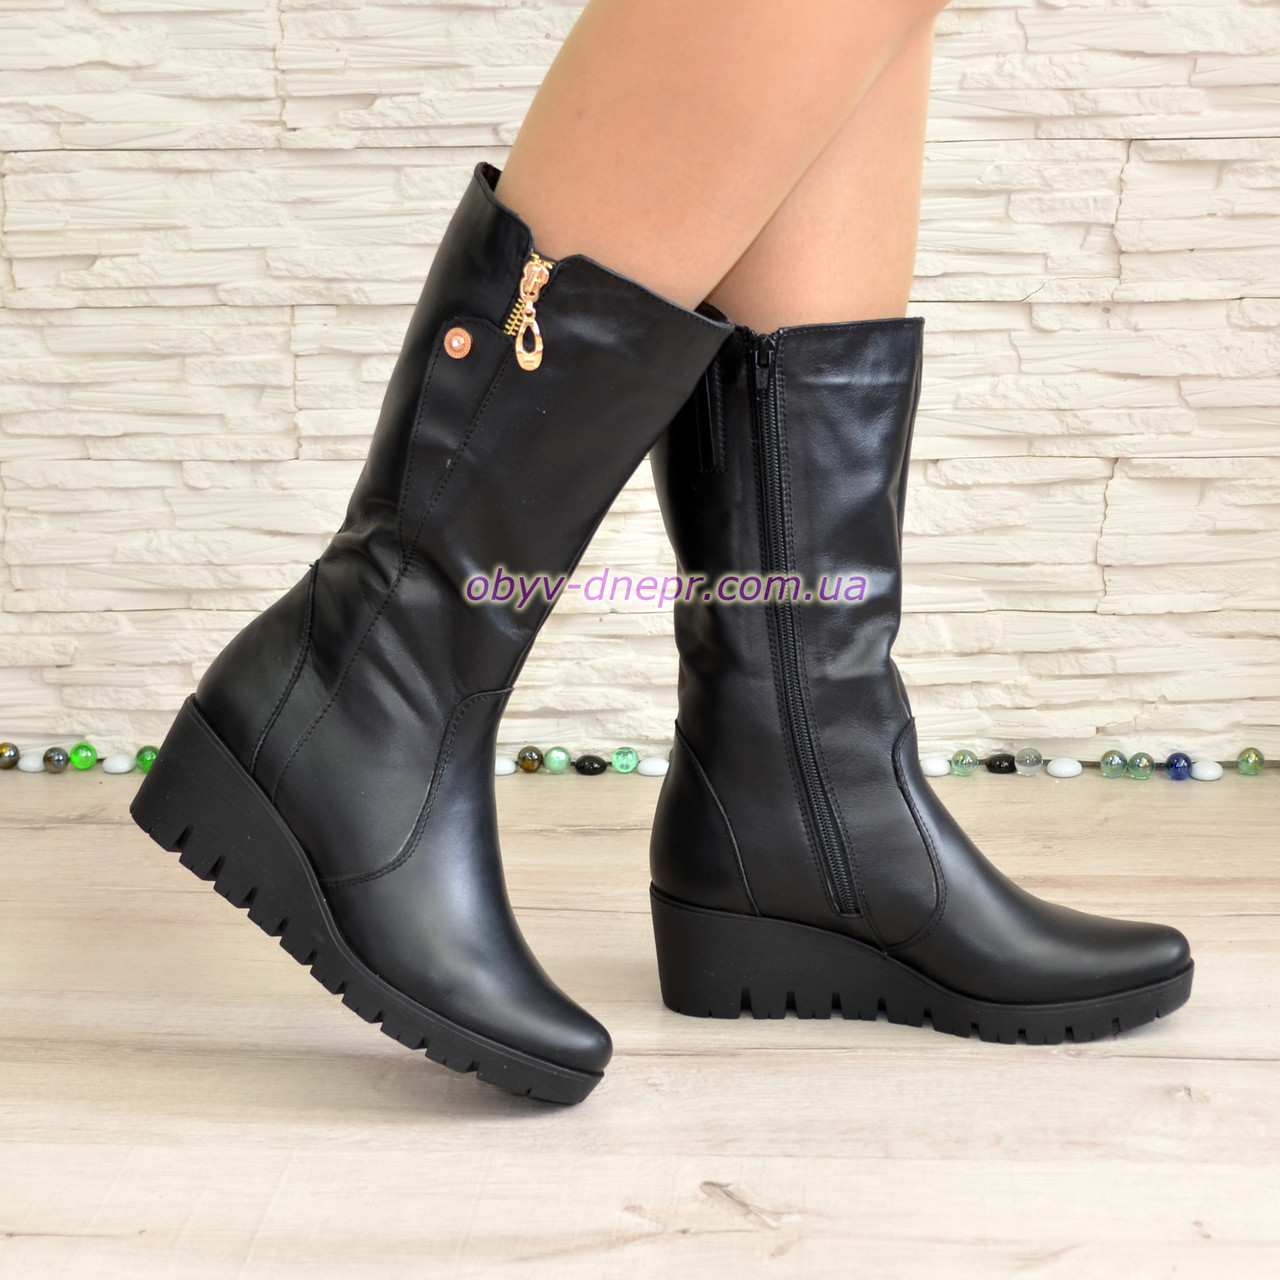 Женские демисезонные ботинки на невысокой платформе, натуральная черная кожа